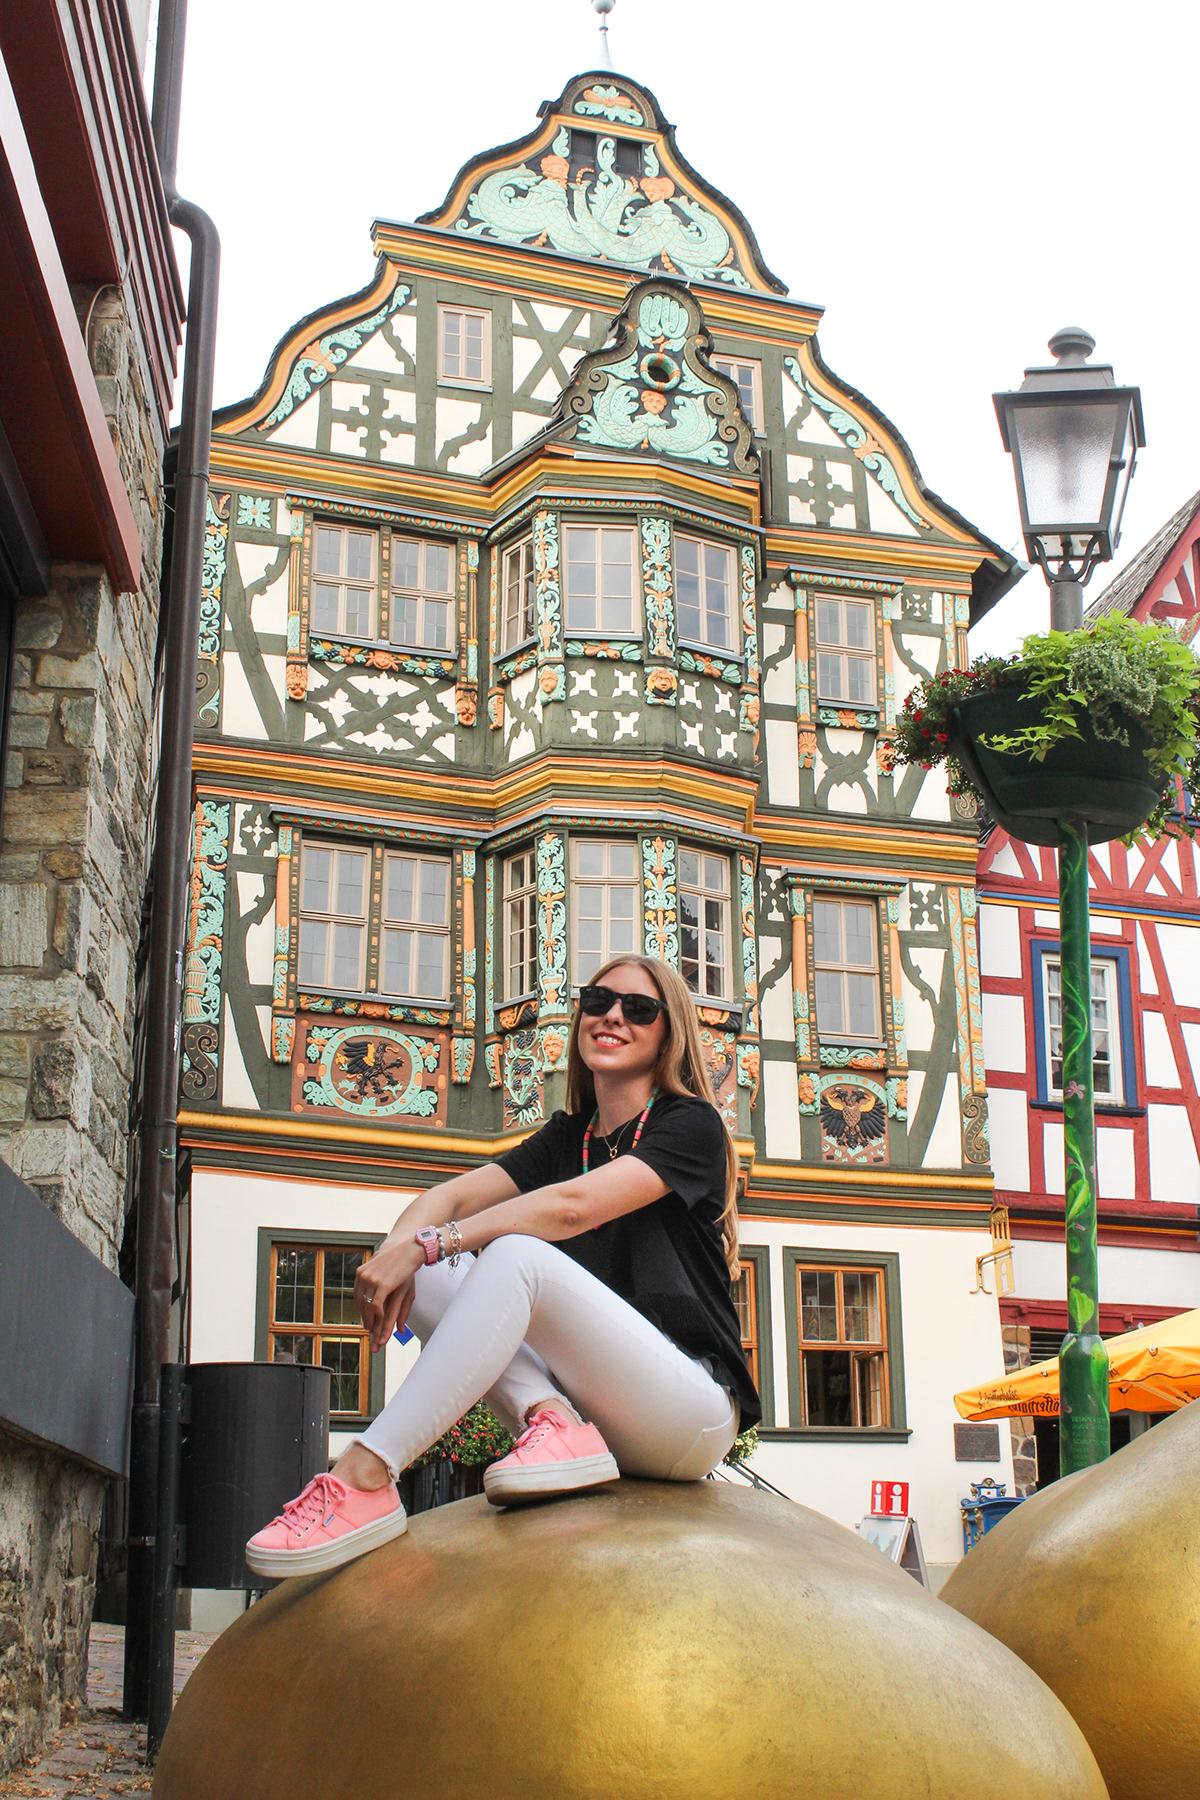 architecture art design Deutschland Fachwerkhaus germany graphic design  idstein ILLUSTRATION  photoshop